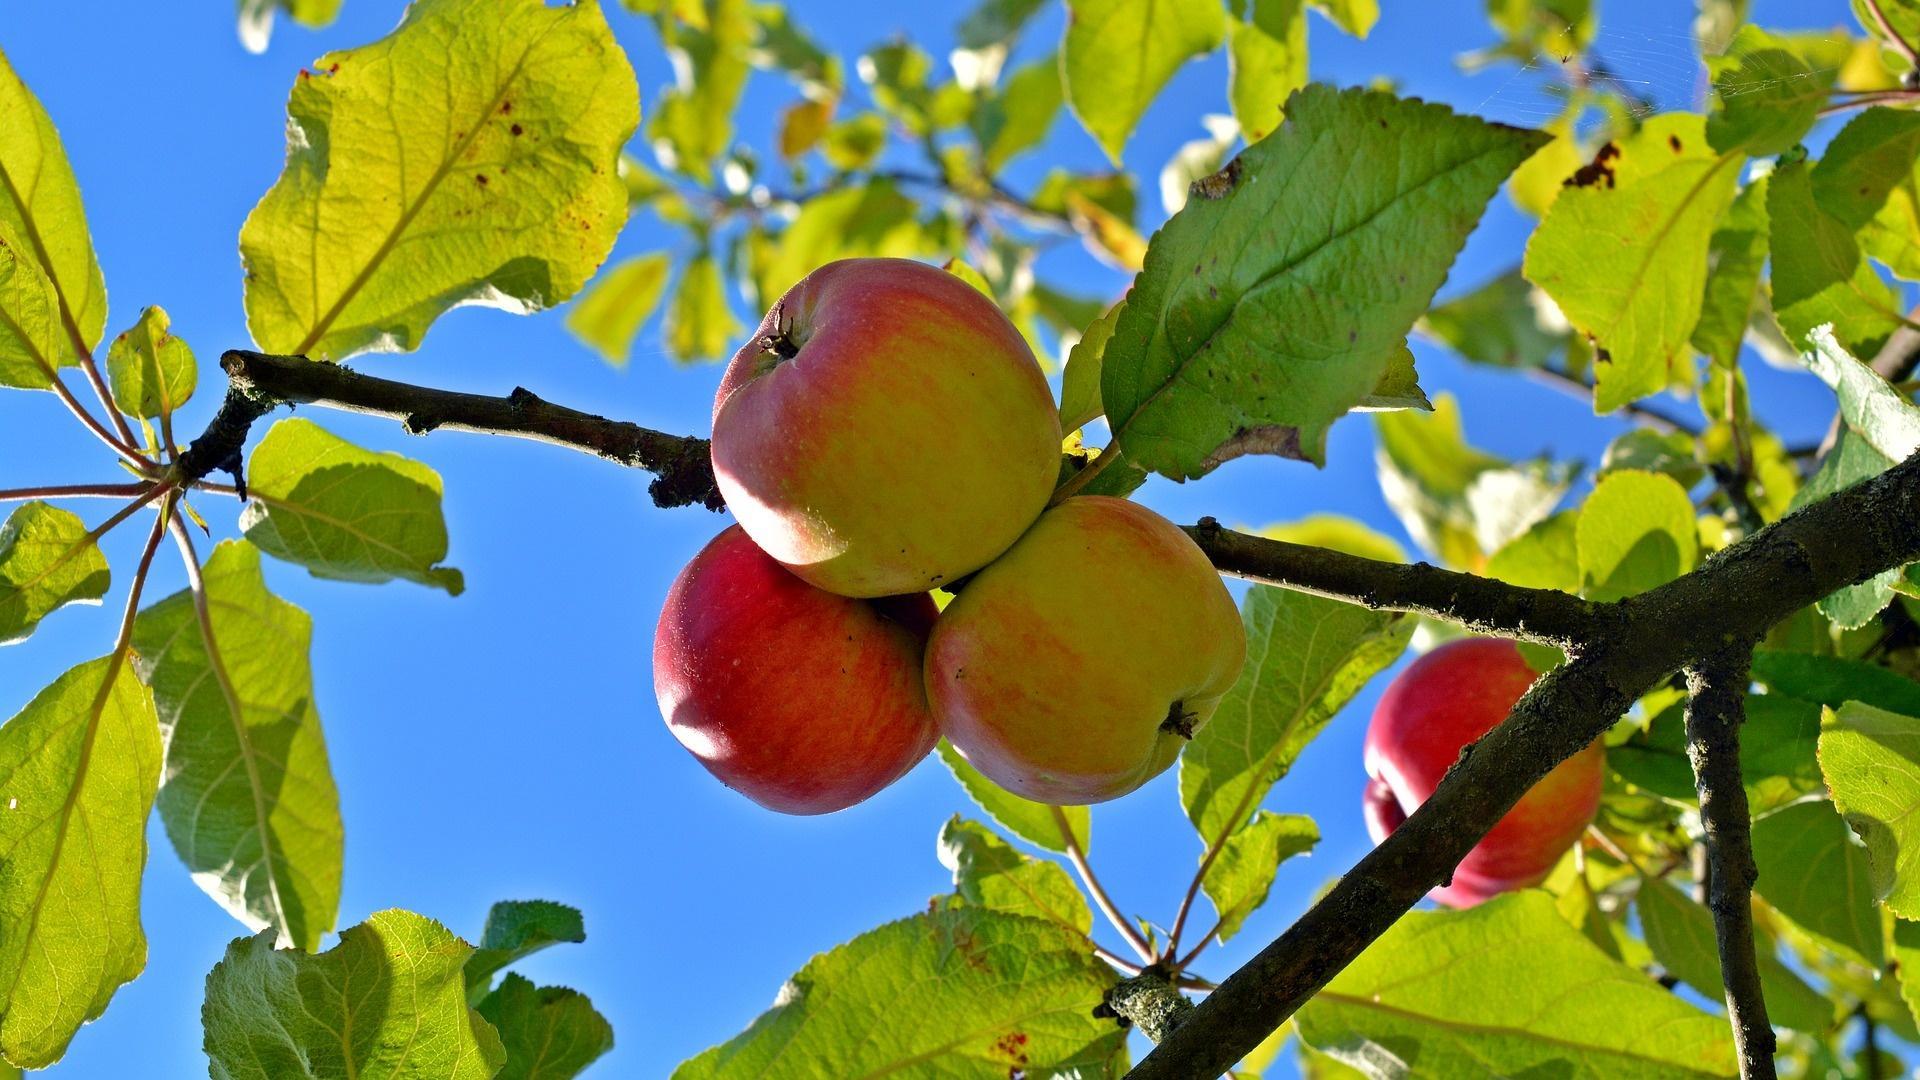 Die Erntezeit von Boskoop-Äpfeln beginnt im späten Herbst. Ein reifer Apfel lässt sich dabei durch leichtes Drehen einfach vom Baum lösen.